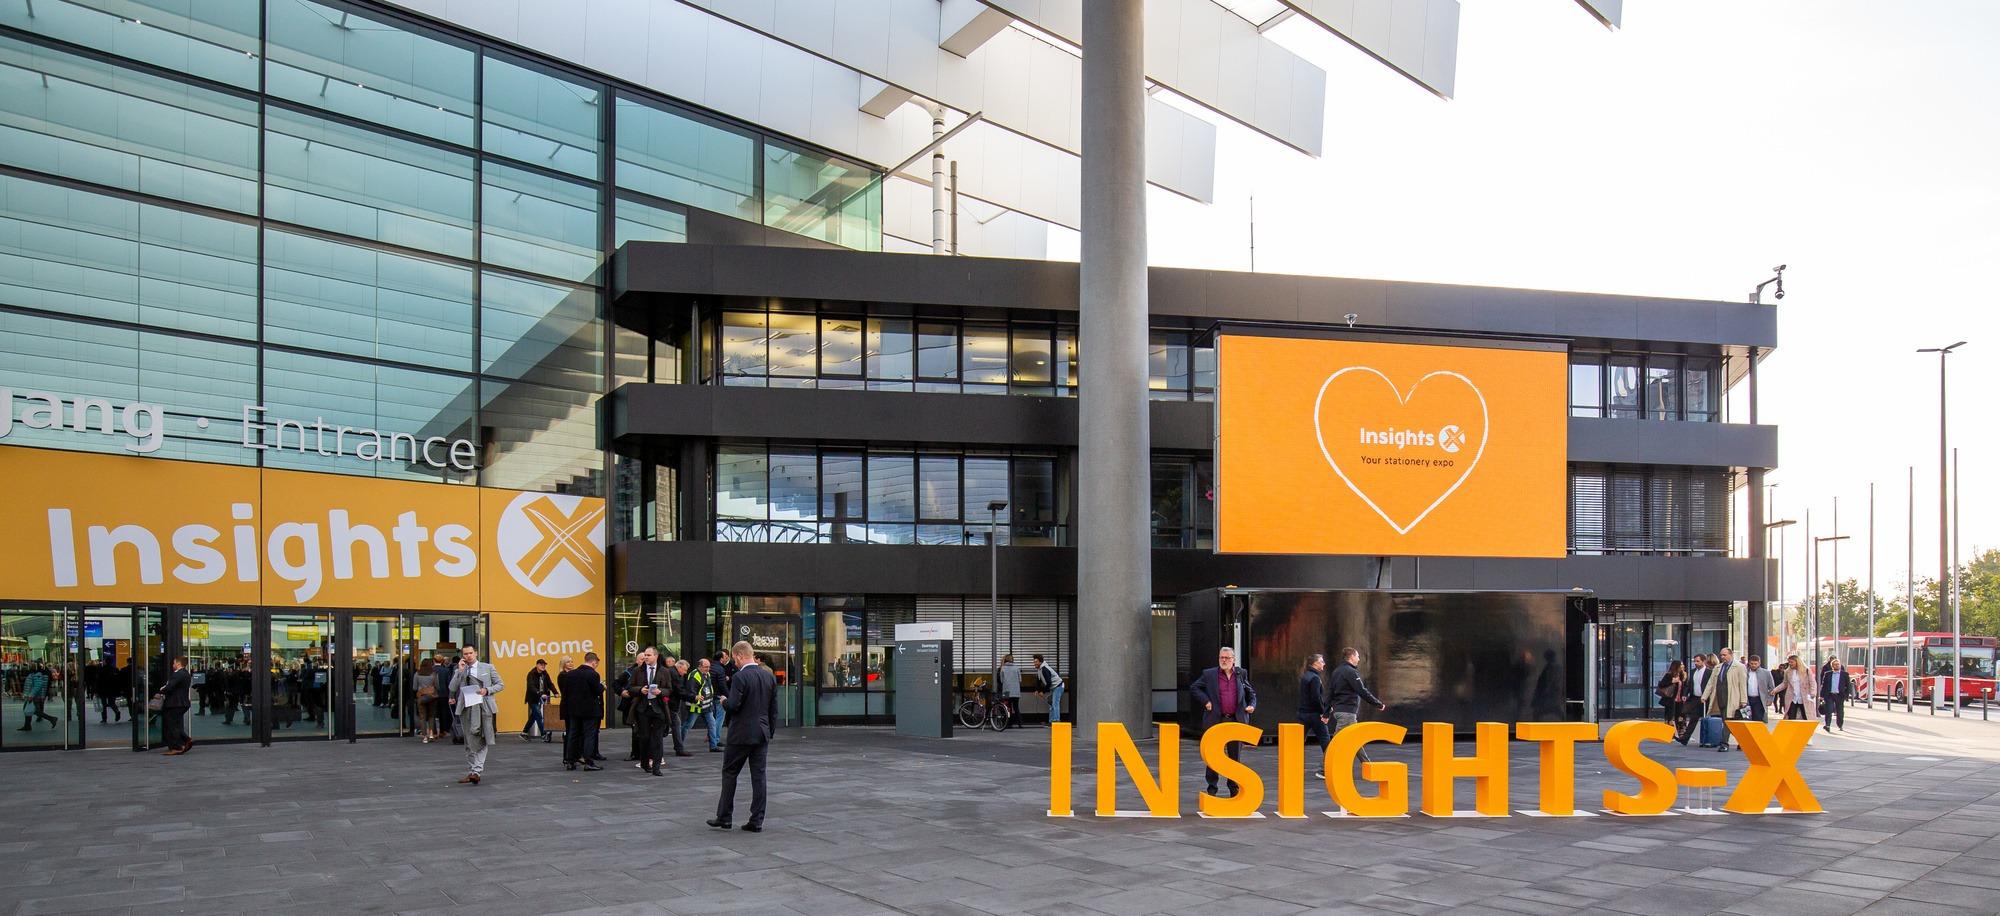 Die Insights-X 2019 in Nürnberg. Vor dem Eingang mit einem großen, gestellten Logo.